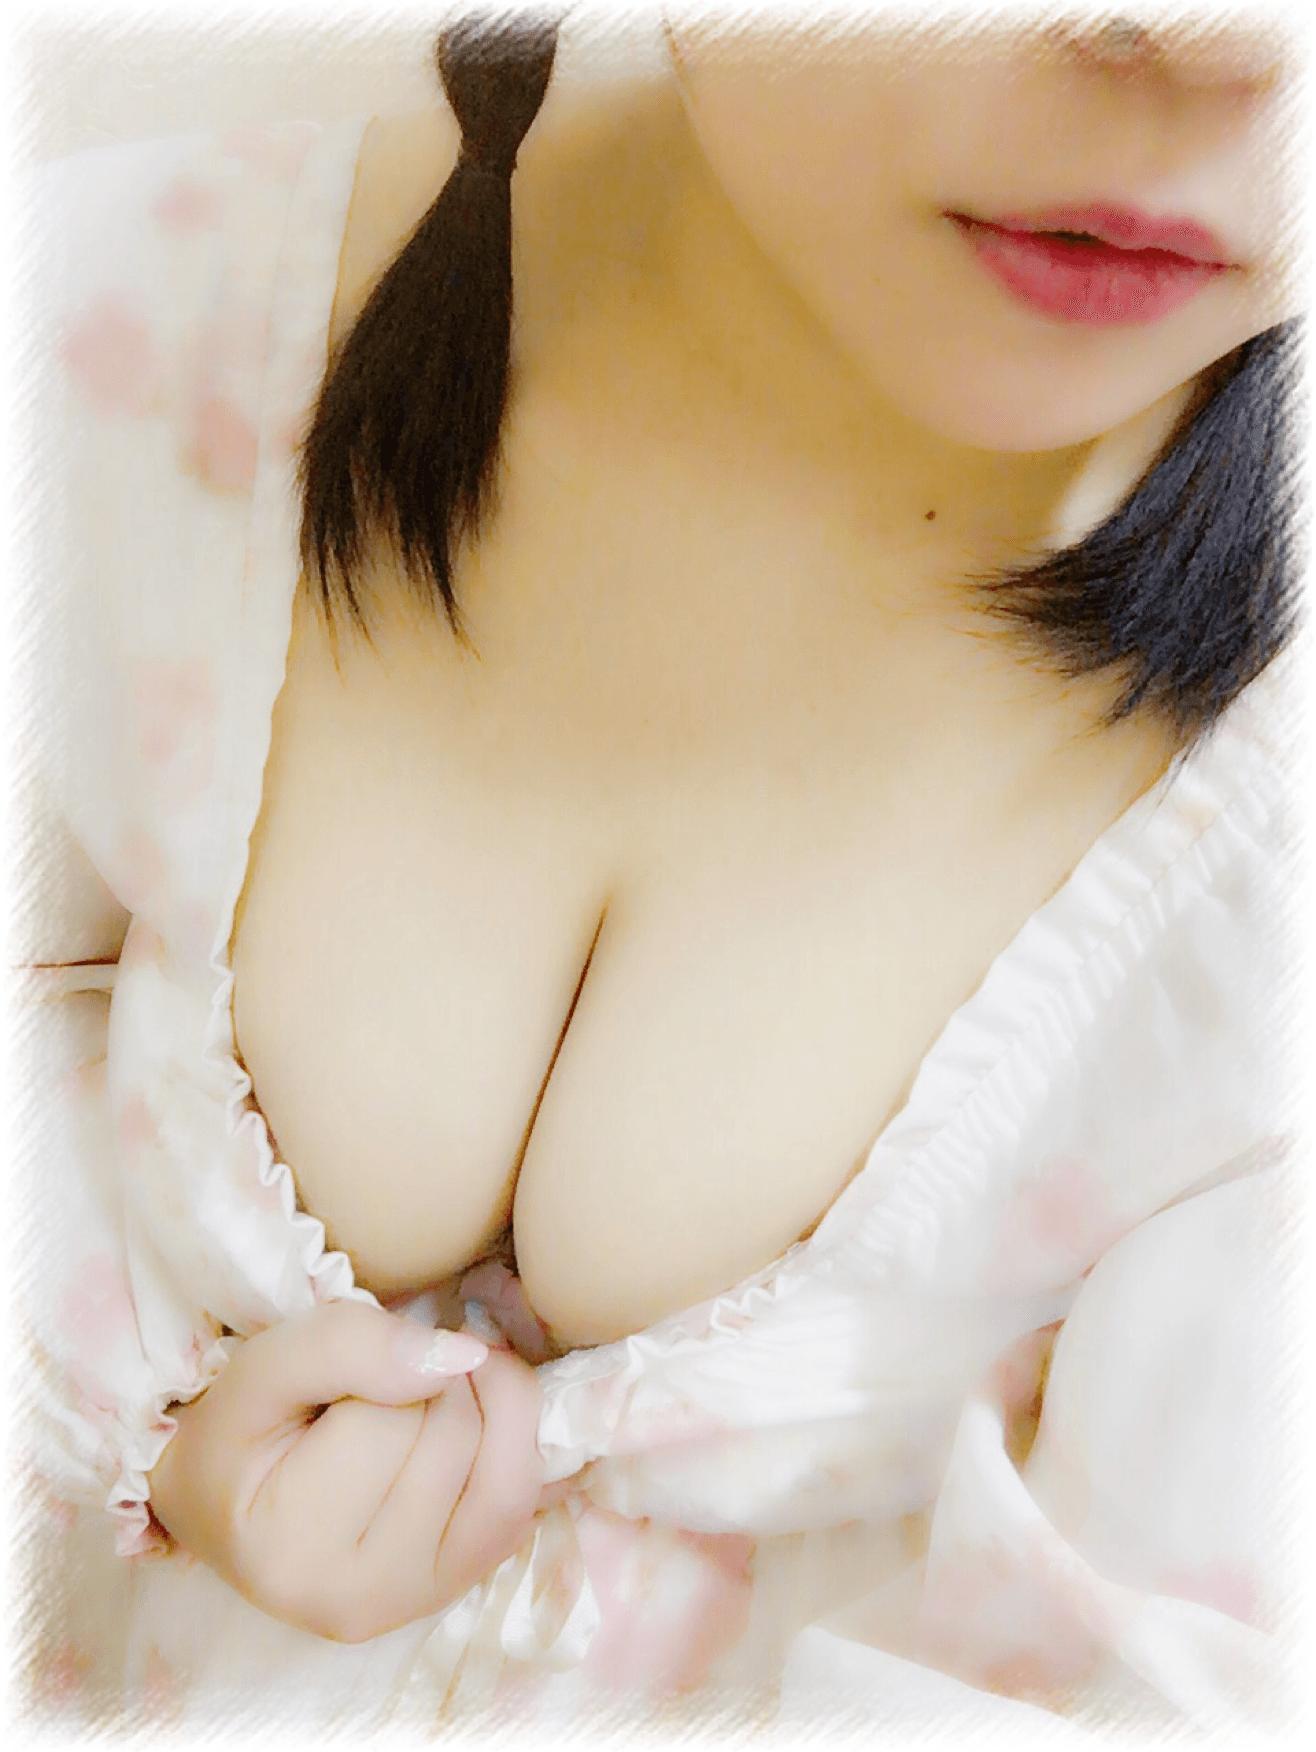 てんしもえ「☆★出勤しました★☆」04/19(木) 14:13   てんしもえの写メ・風俗動画